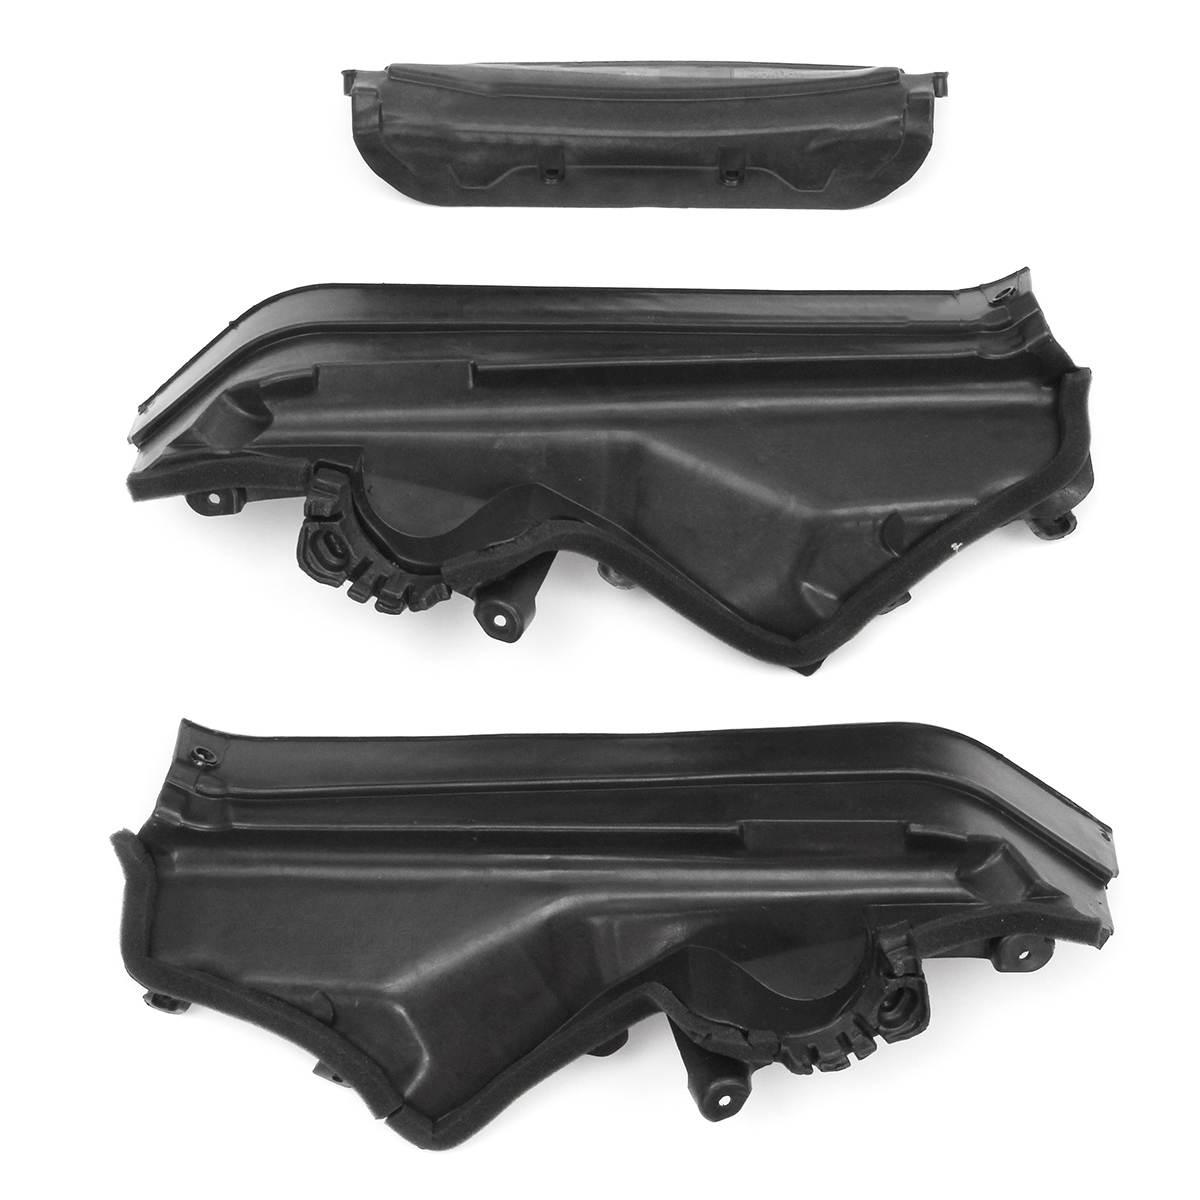 Yüksek kalite 3 adet araba motoru üst bölme bölme paneli seti BMW X5 X6 E70 E71 E72 51717169419 51717169420 51717169421